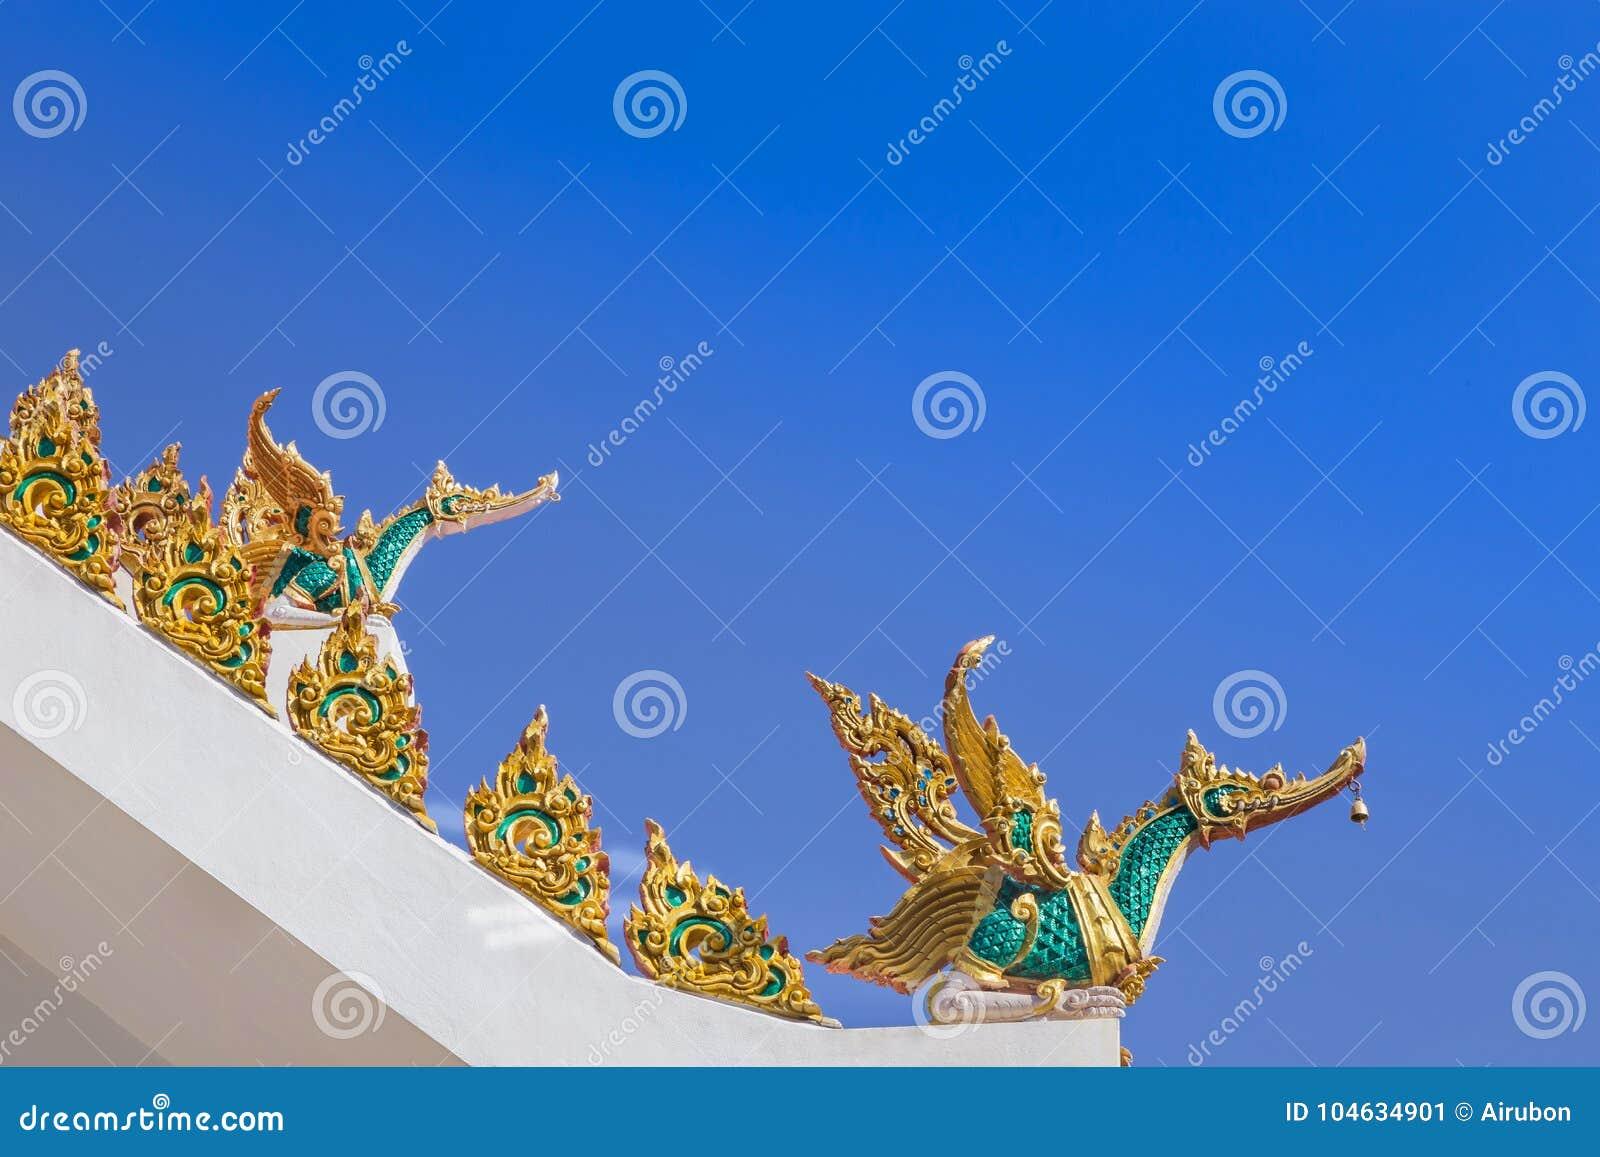 Download Het Gouden Standbeeld Van De Zwaan Traditionele Thaise Stijl Op Dak Openbare Tempel Stock Afbeelding - Afbeelding bestaande uit kleur, gouden: 104634901